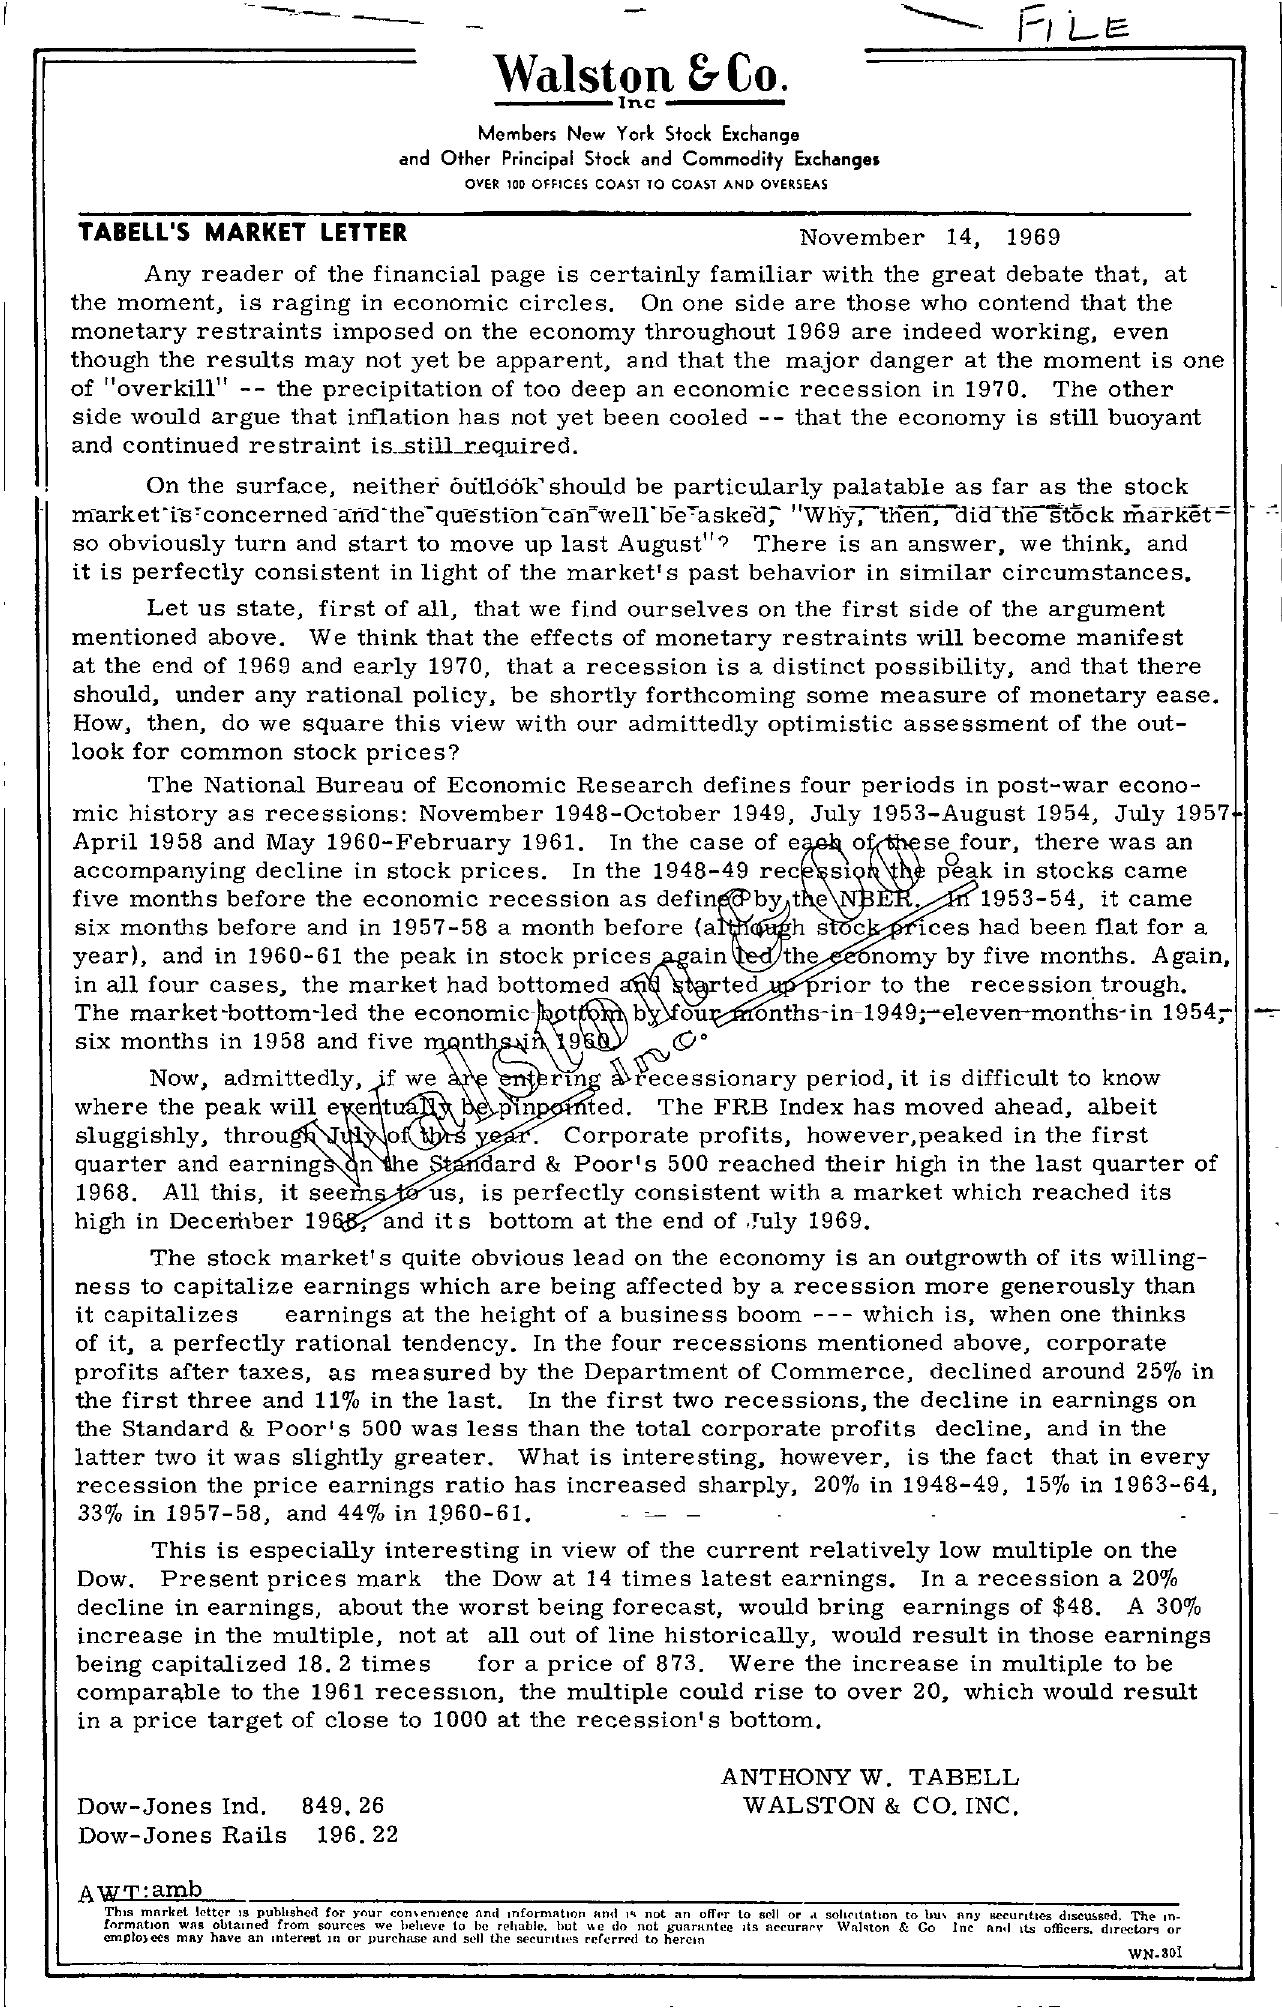 Tabell's Market Letter - November 14, 1969